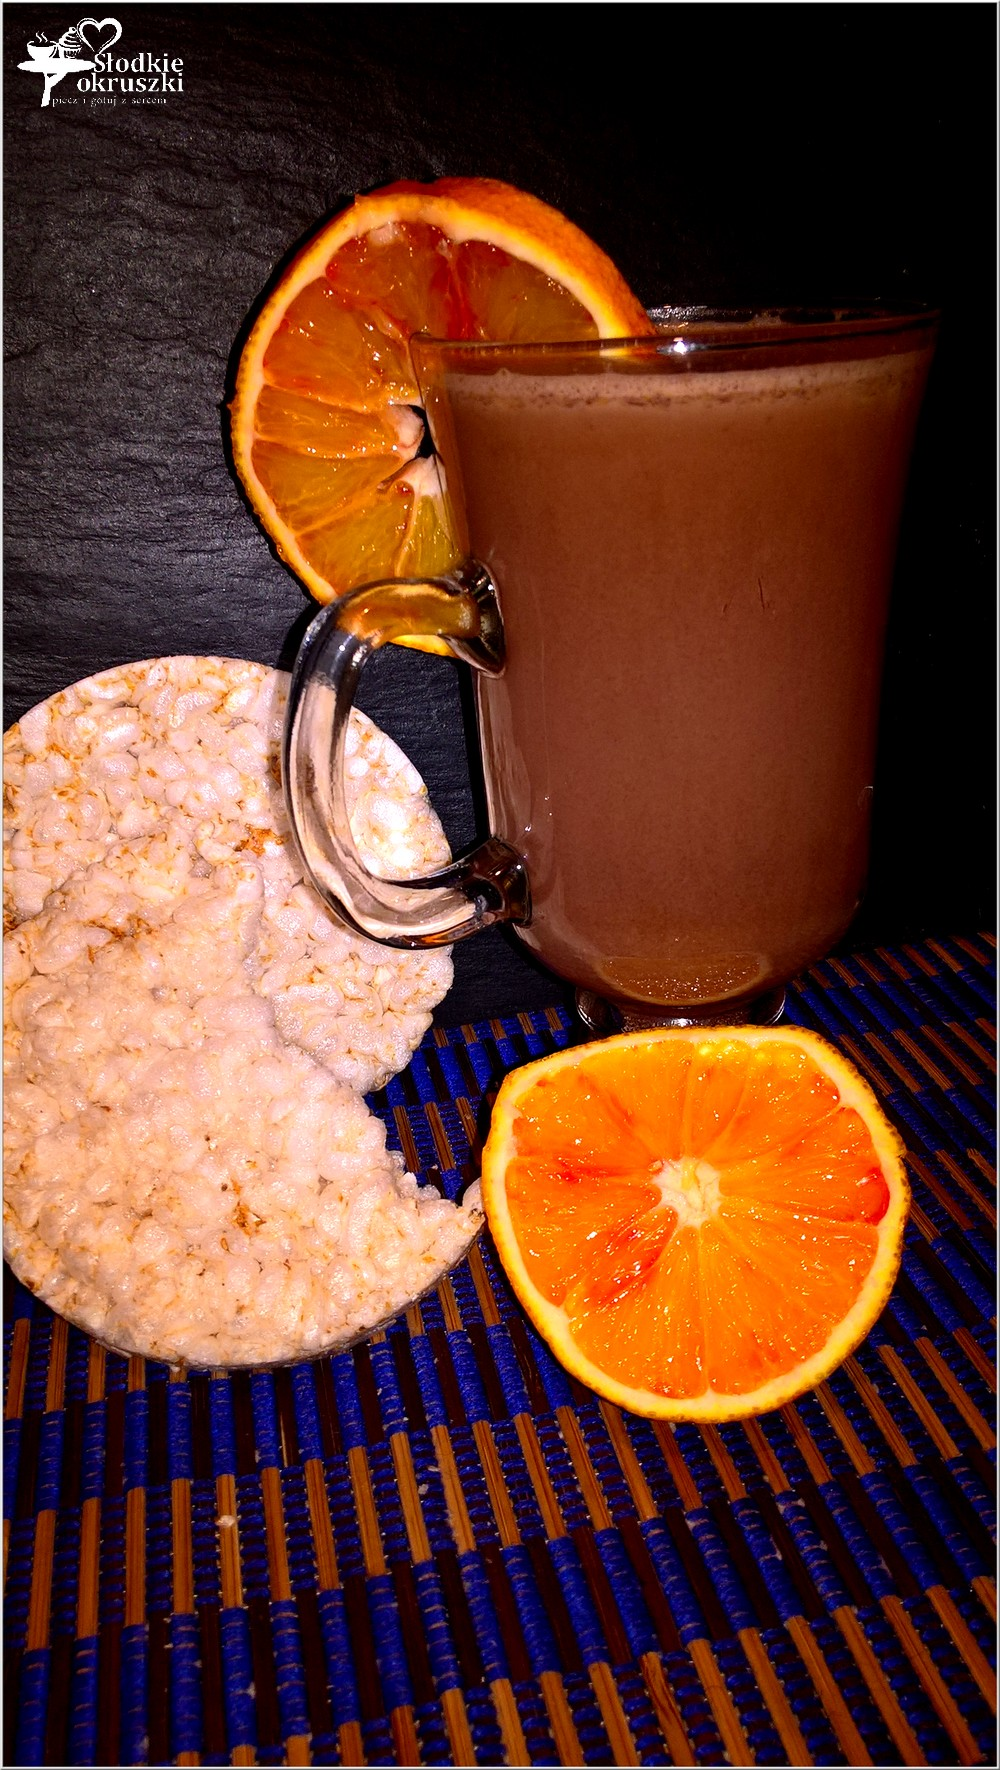 pomaranczowe-kakao-z-nuta-cynamonu-2